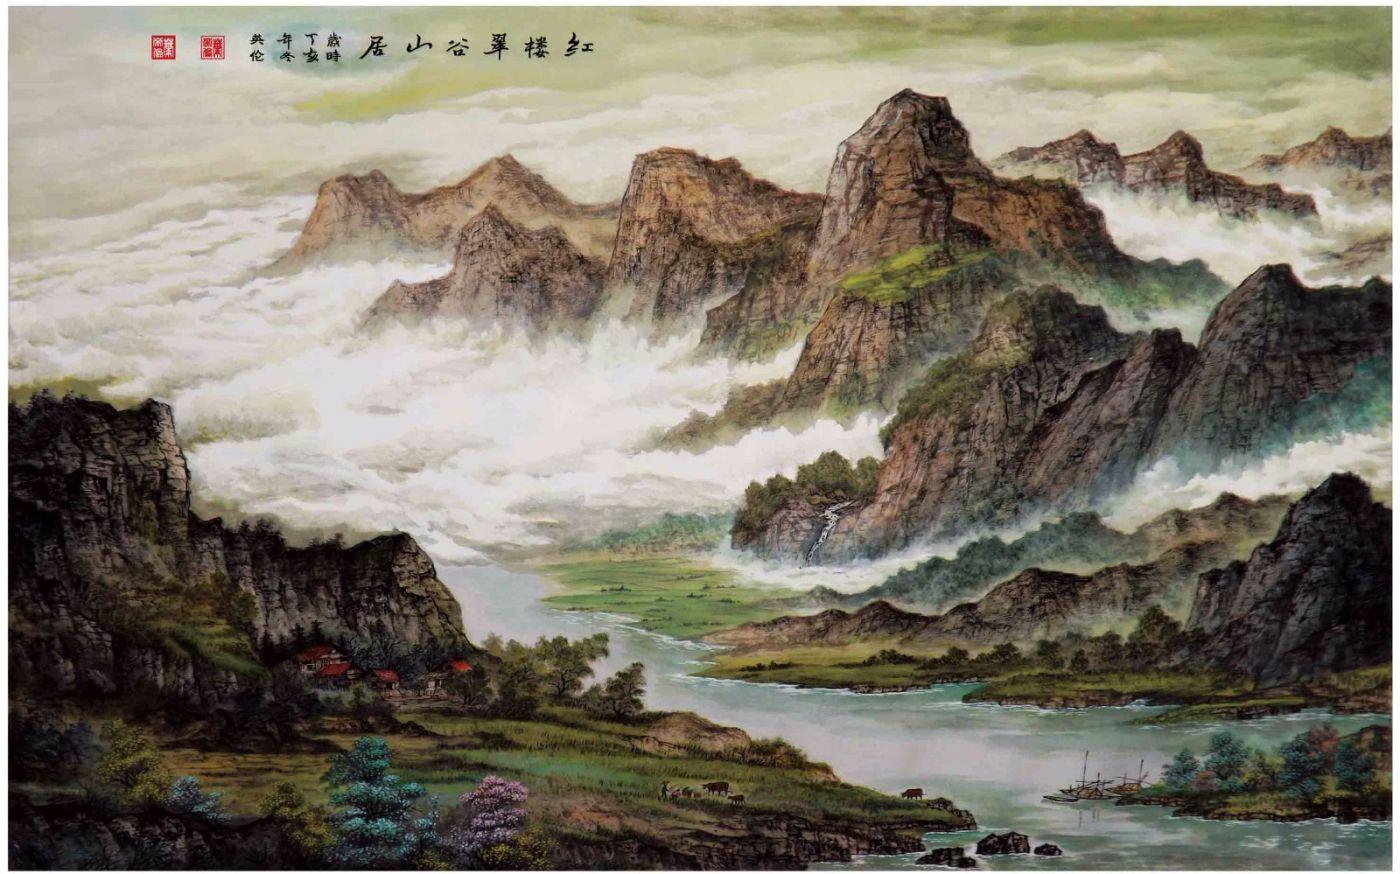 国际著名书画家叶英伦_图1-68